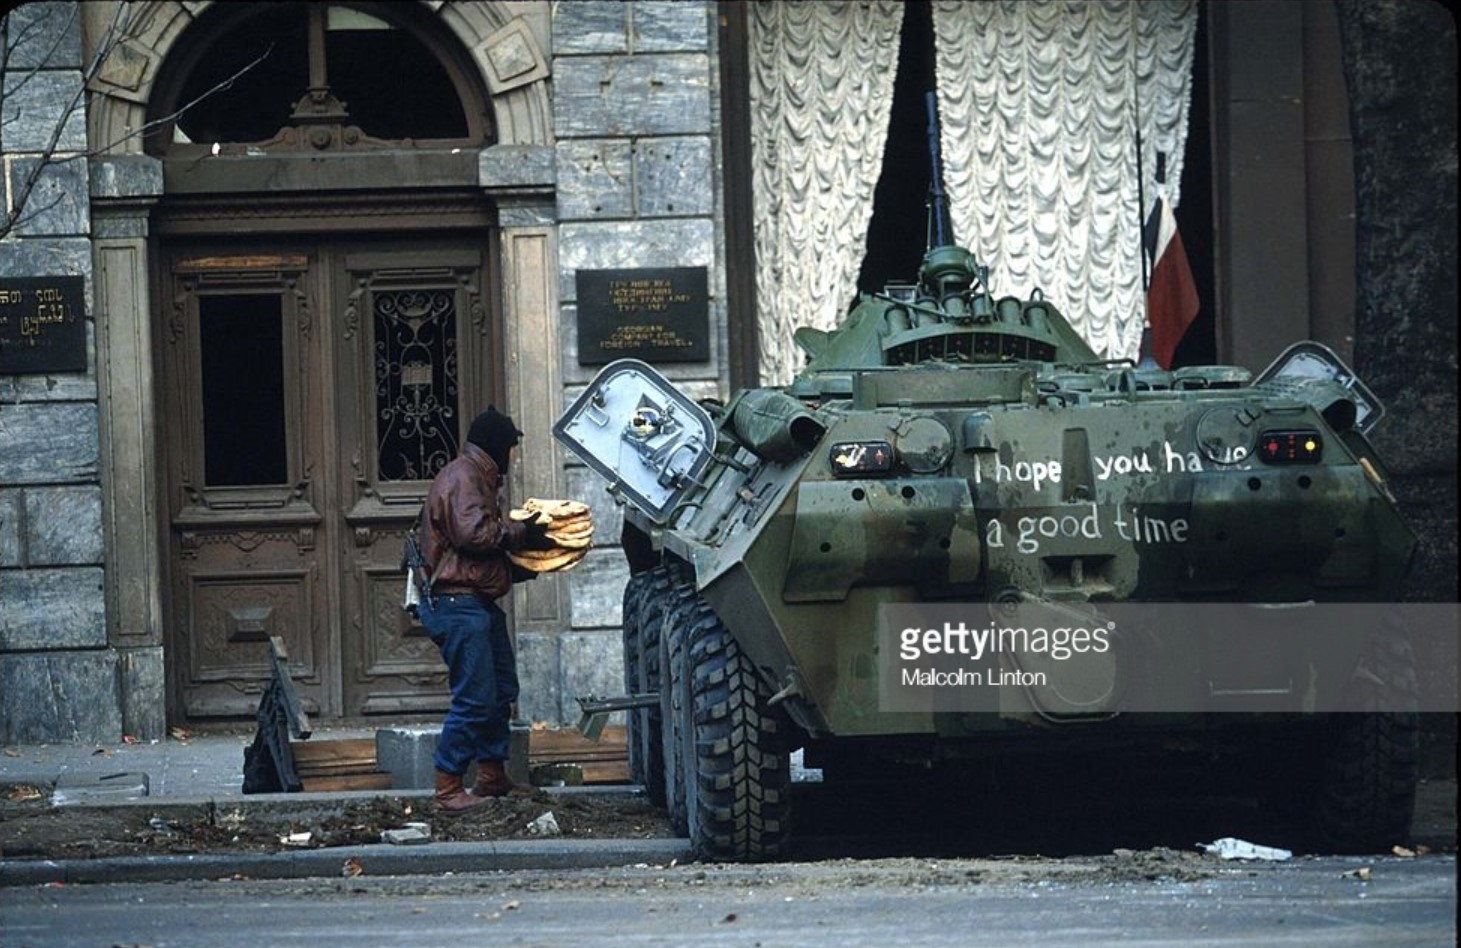 1991. 27 декабря. Тбилиси.  Боец оппозиции стоит рядом с бронированной машиной